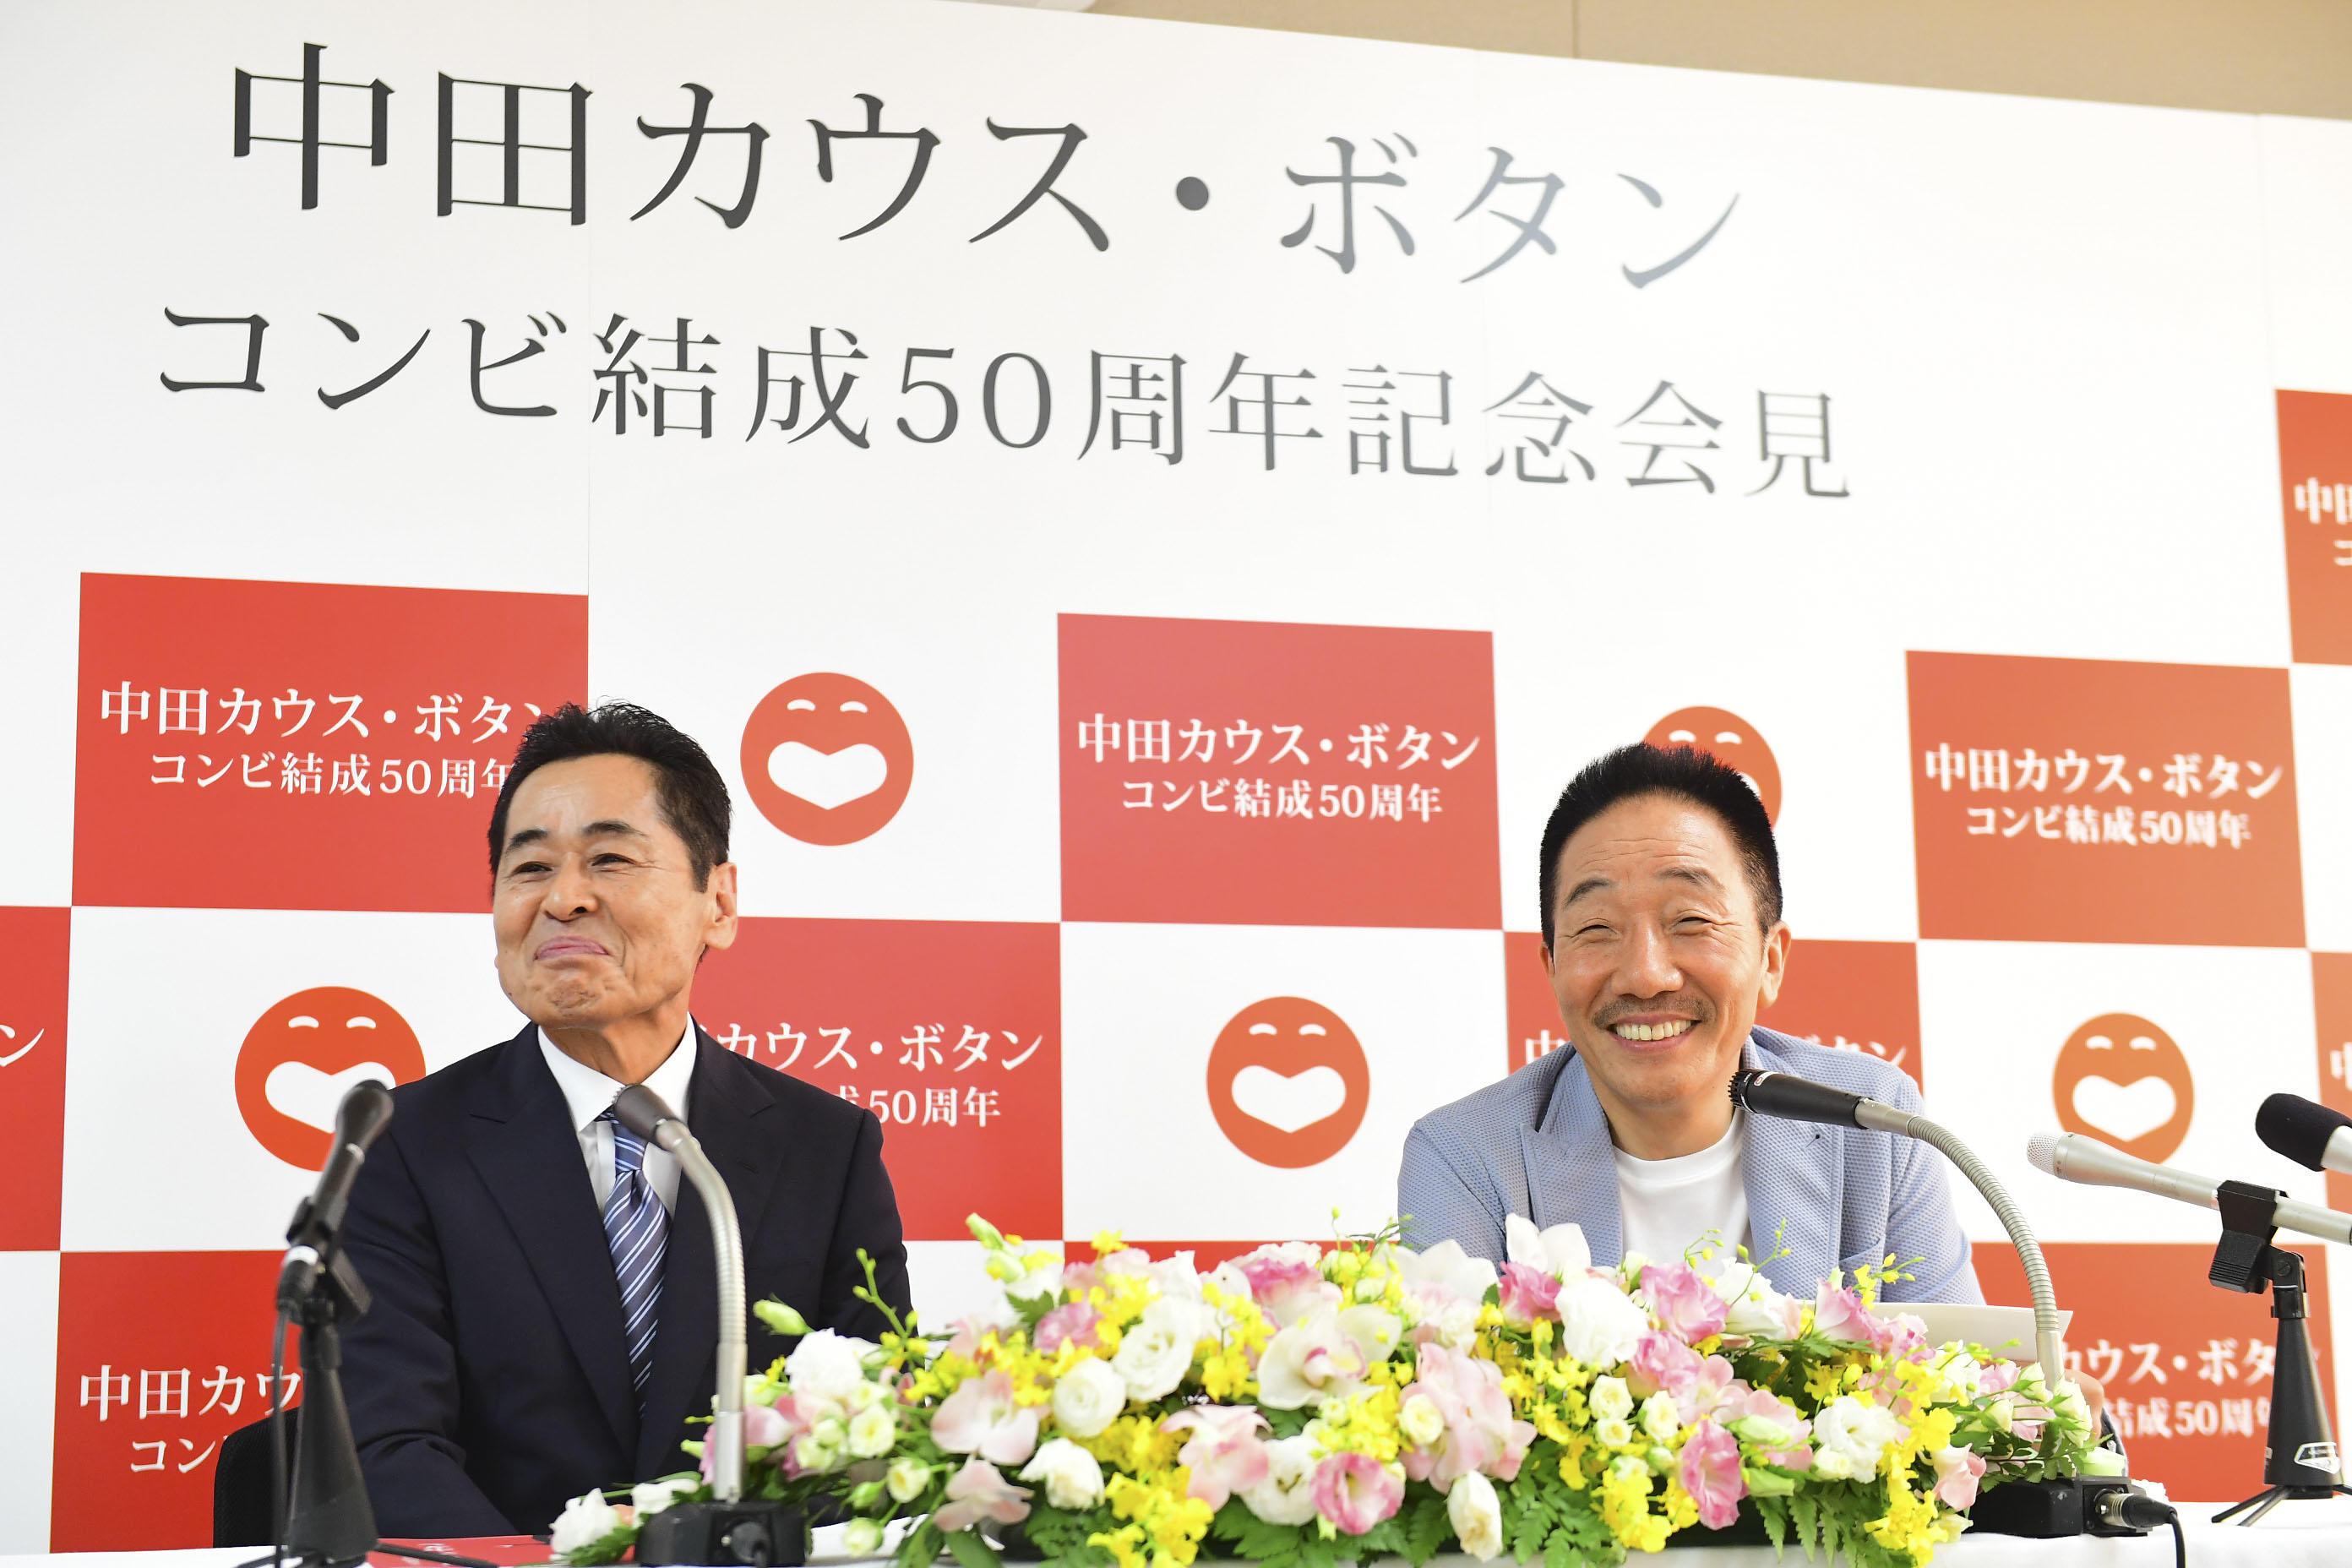 http://news.yoshimoto.co.jp/20170810222910-e01a08ebfbe496c3c3ce99feca5d5a1ede986e4f.jpg